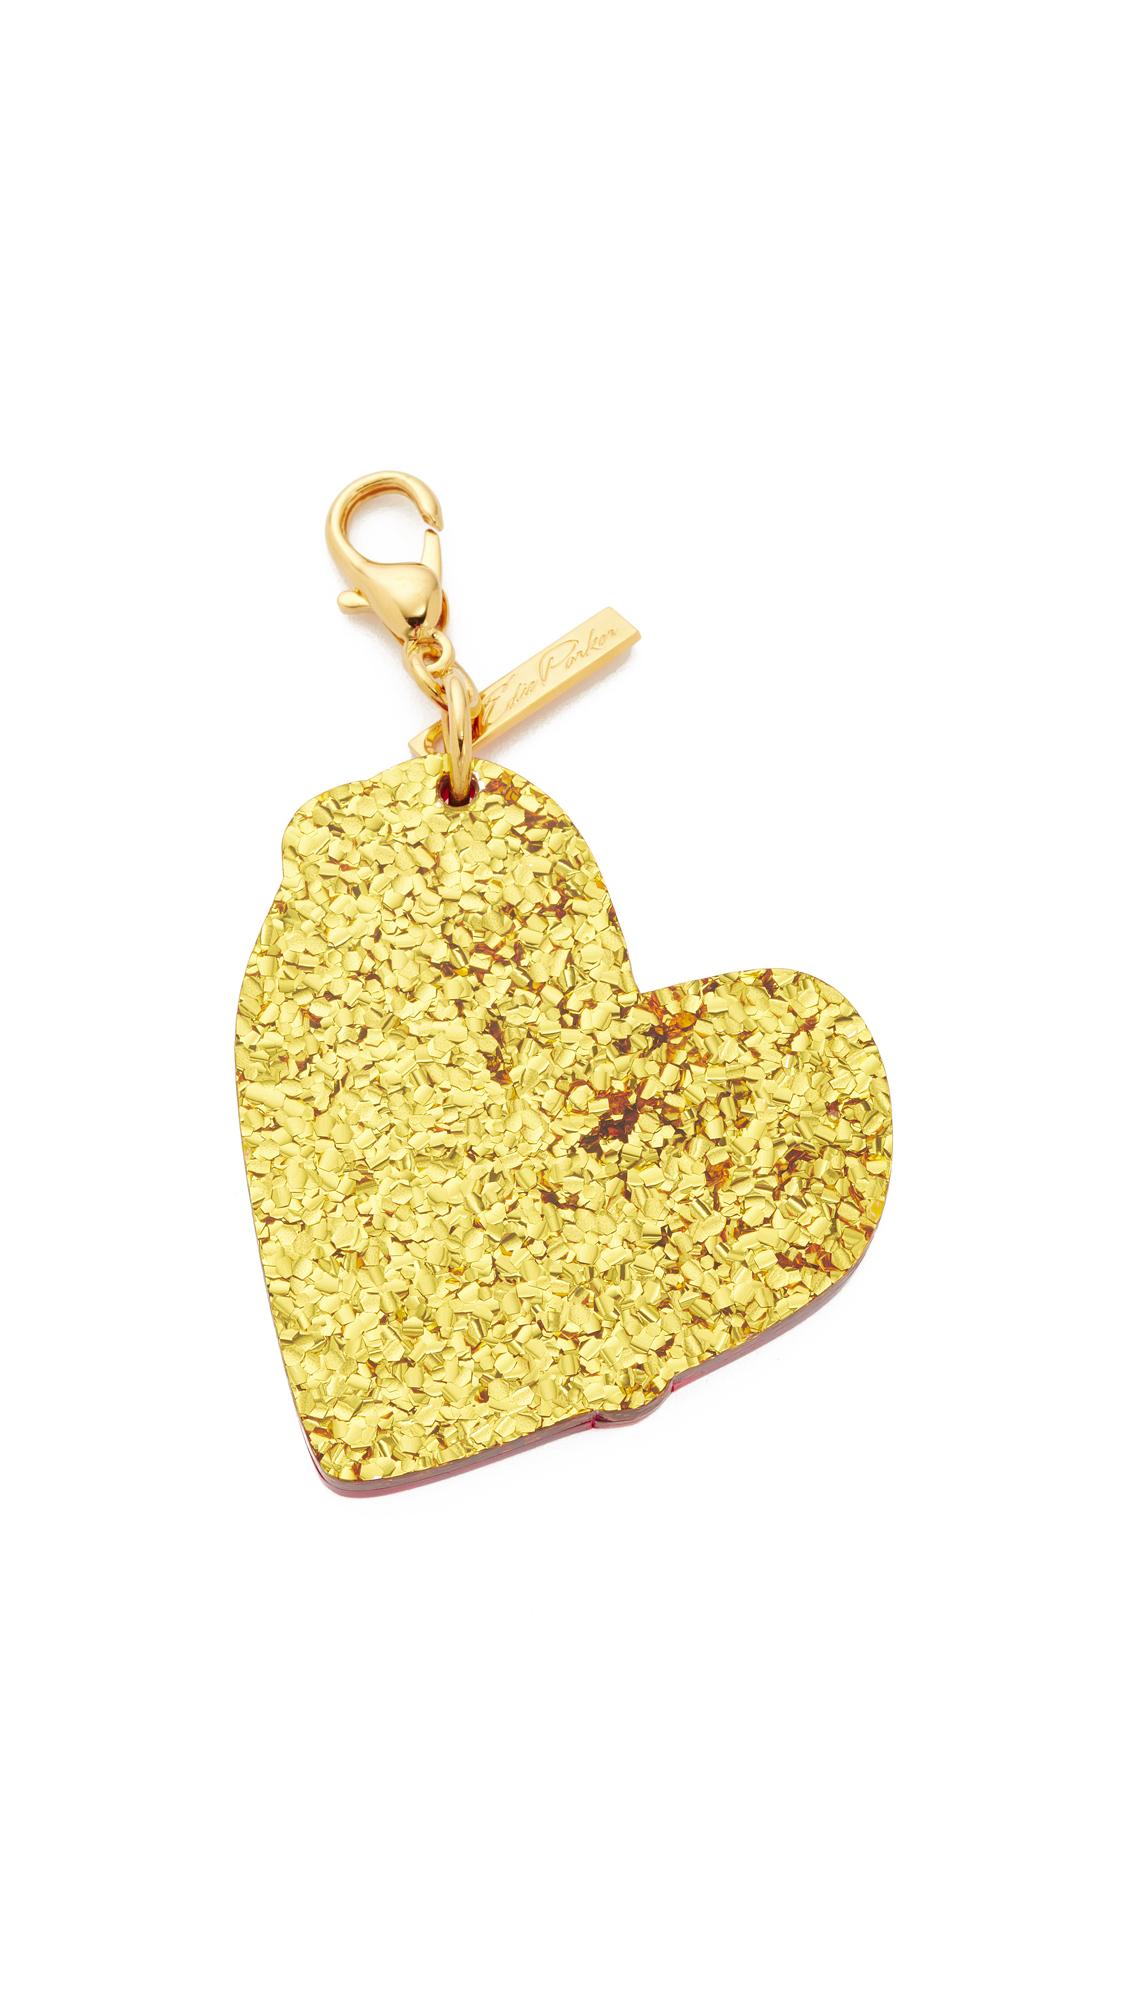 Edie Parker Broken Heart Bag Charm amwOTzruik